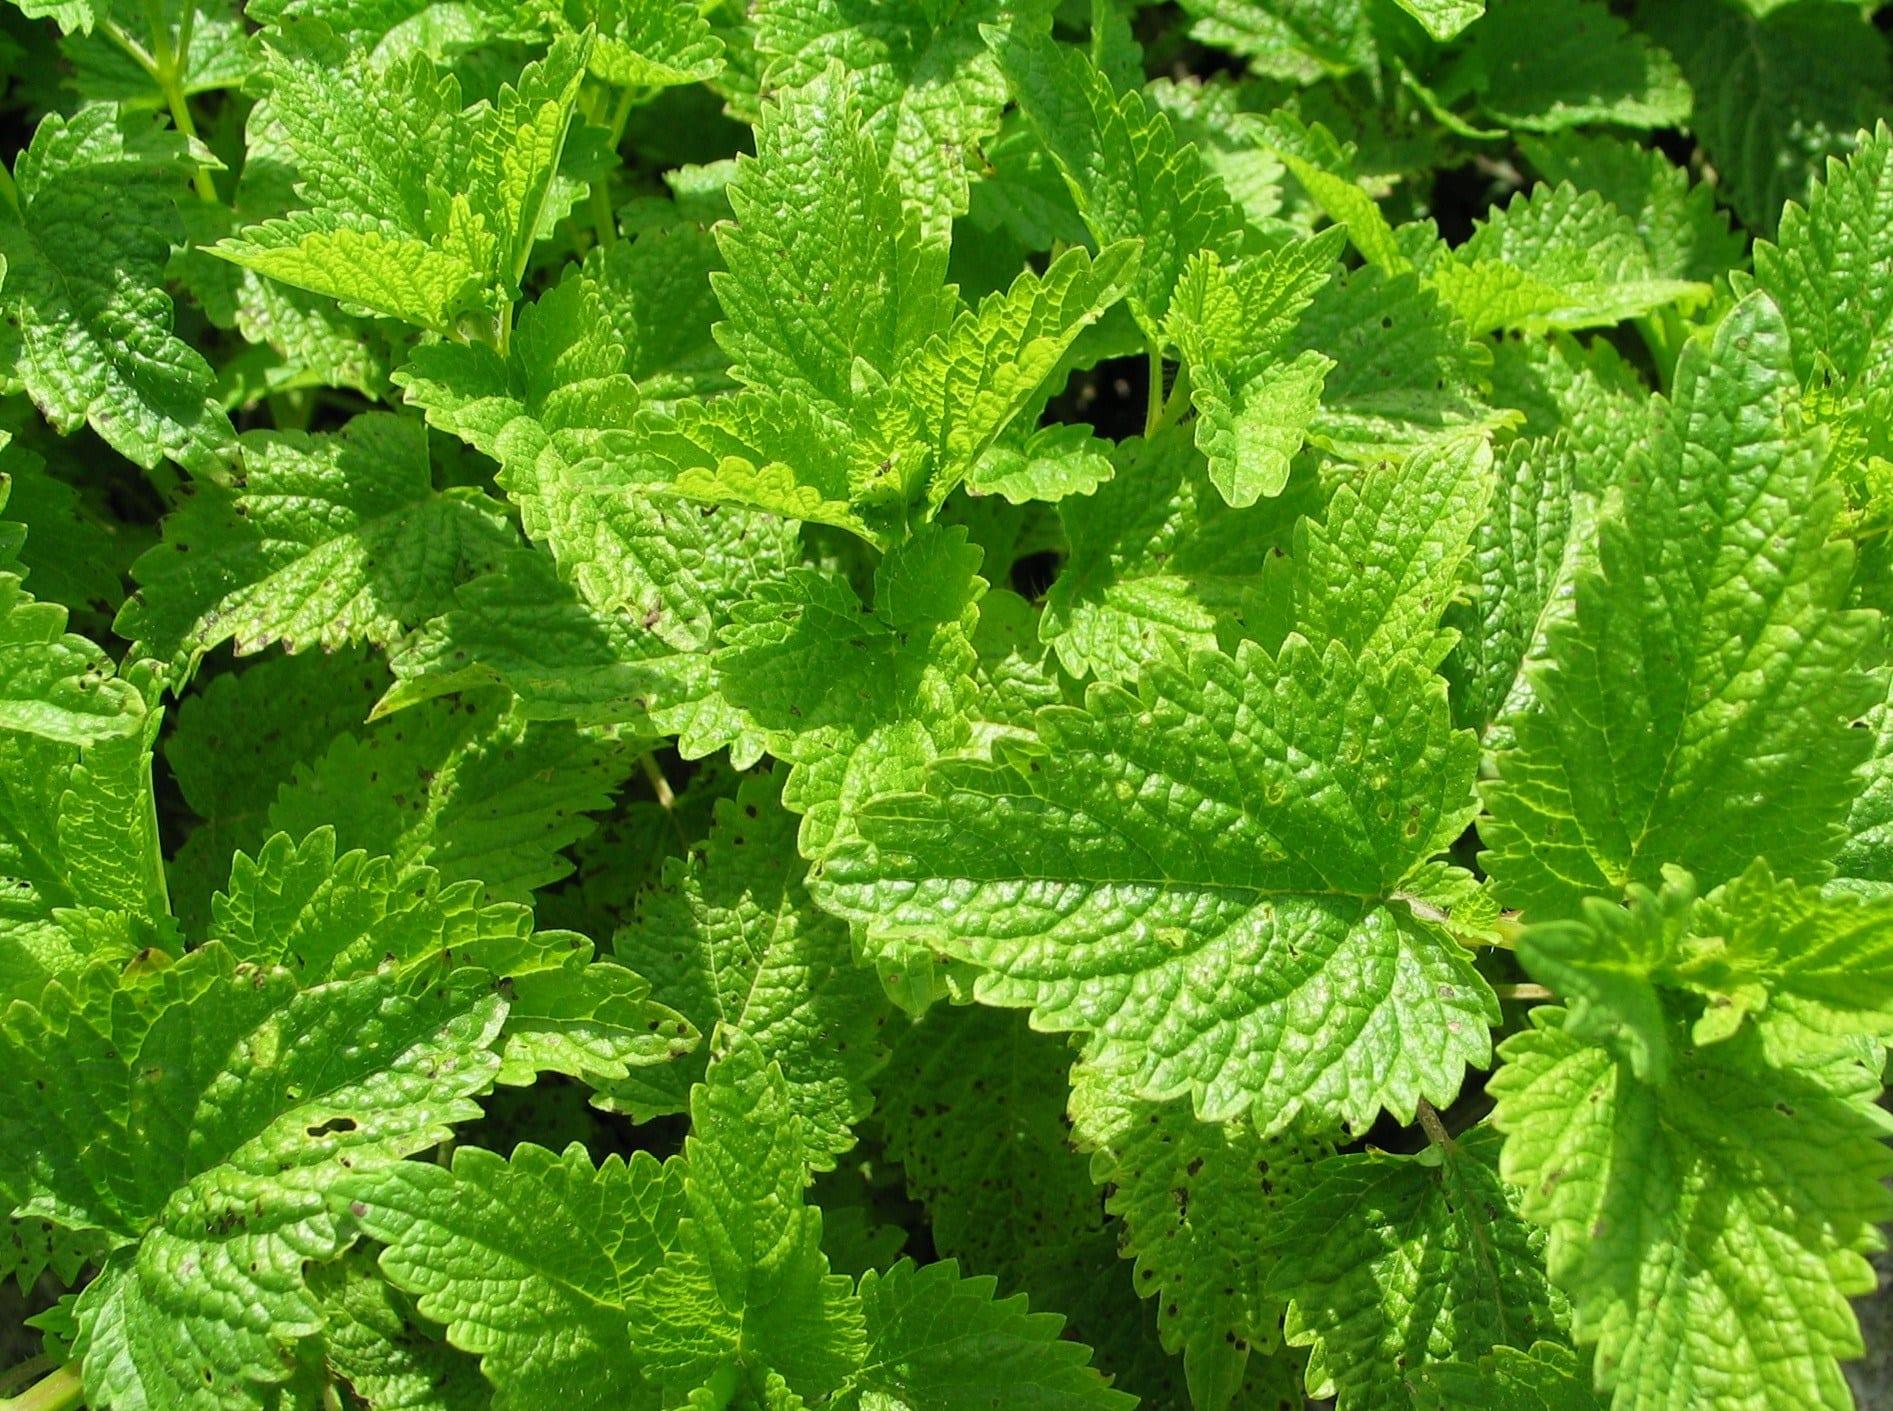 Маточината е много ароматна и полезна билка. Научете как да събираме билки от природата.